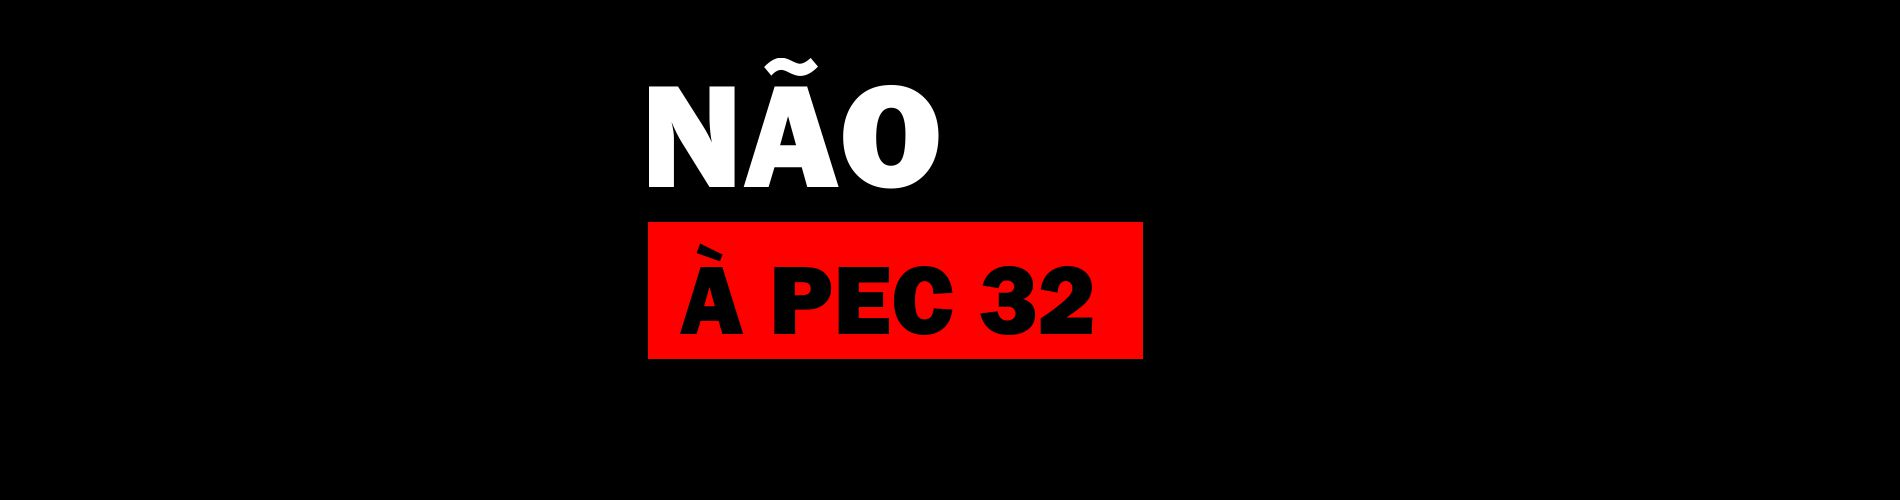 Sindiquinze abre inscrição para interessados em compor caravana que estará em Brasília na luta contra a Reforma Administrativa